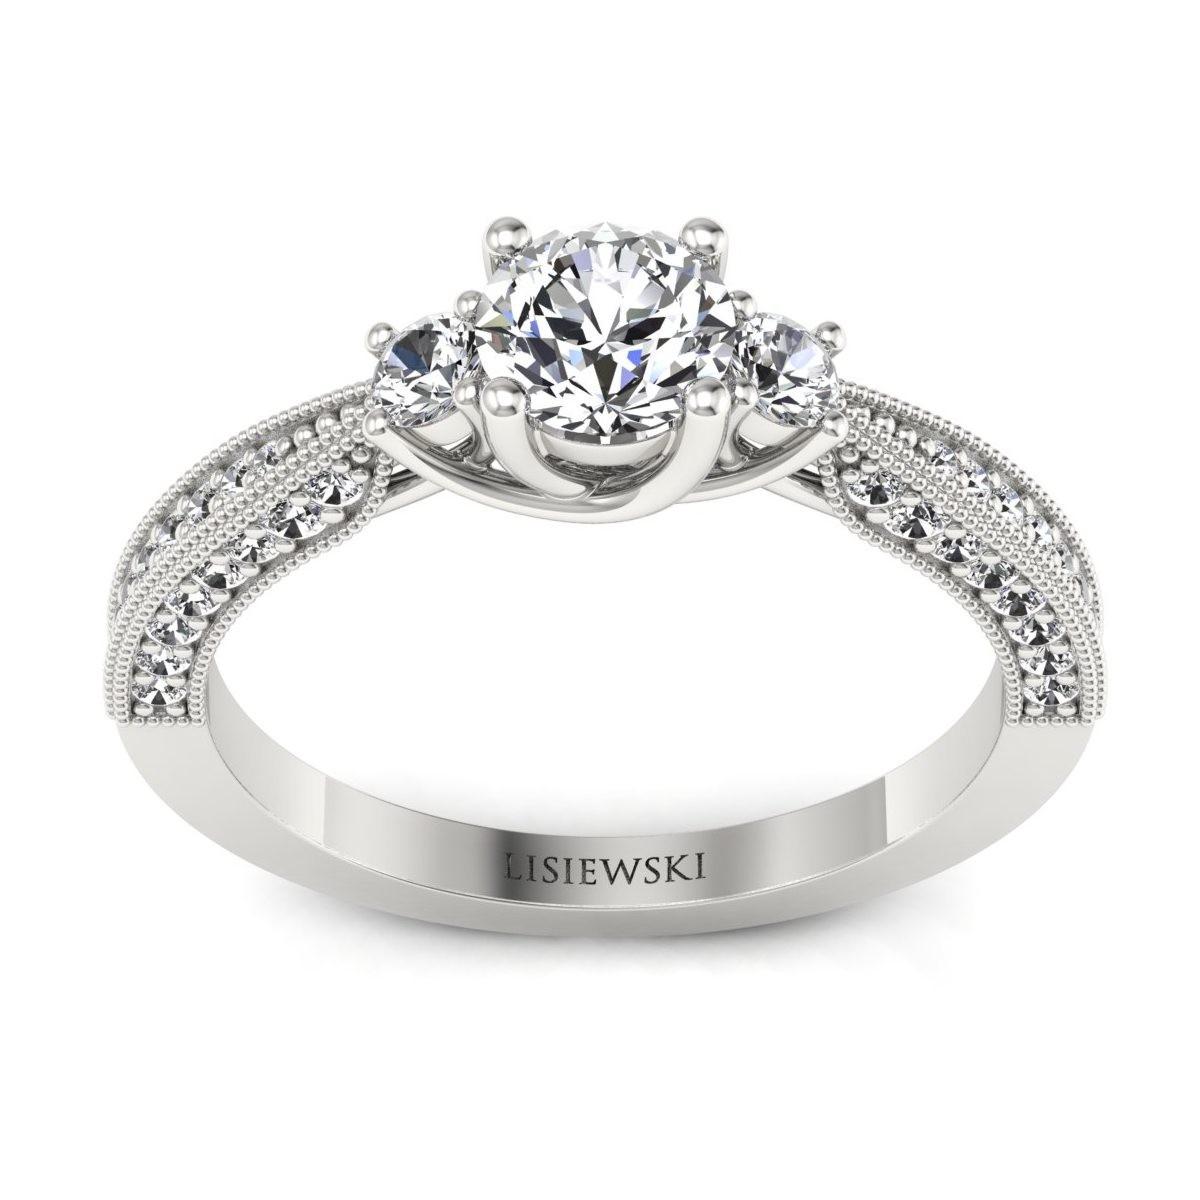 Melania - Białe złoto pierścionek z diamentami